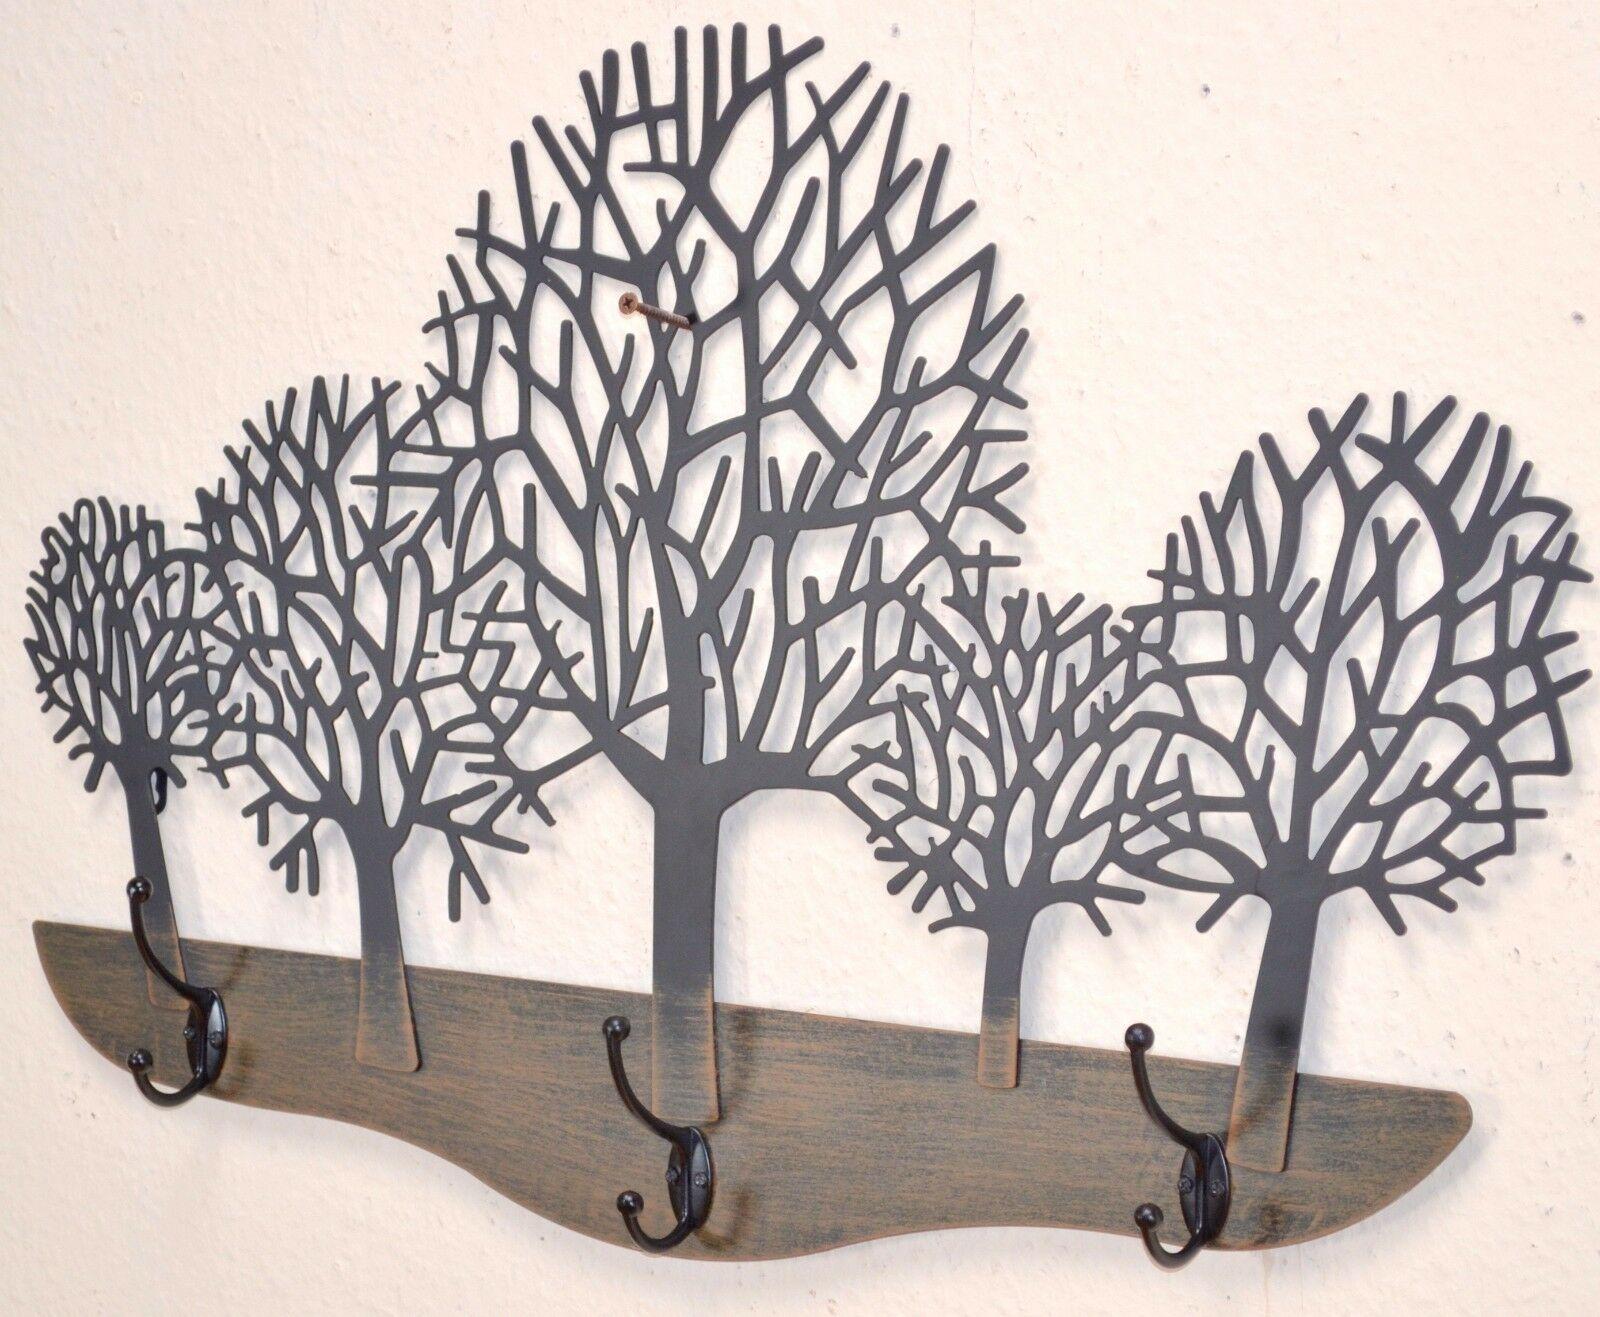 Wandgarderobe Wald Garderobe Baum Flurgarderobe 3 Haken Aus Metall